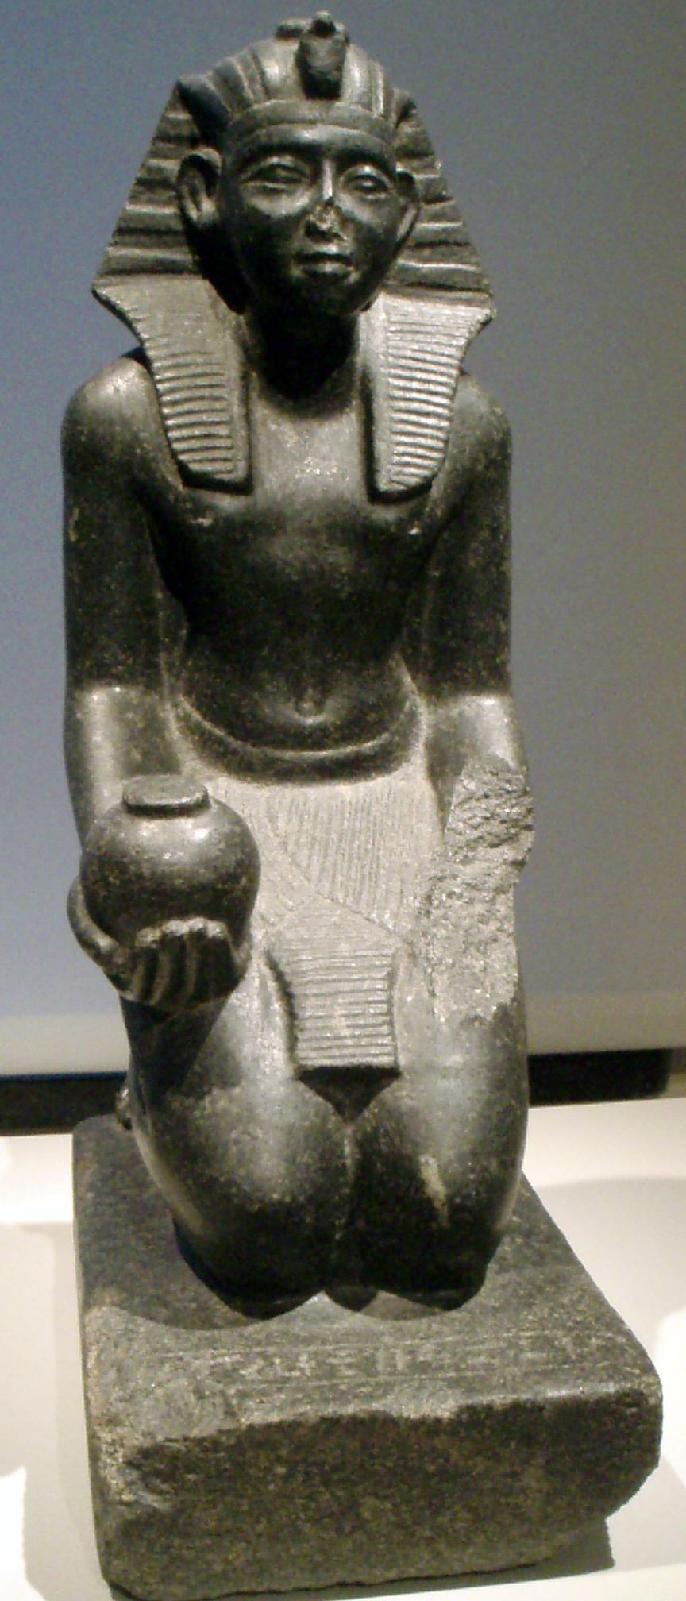 A kneeling statue depicting the pharoah Sobekhotep V (c. 1750-1700 BC) Berlin, Altes Museum